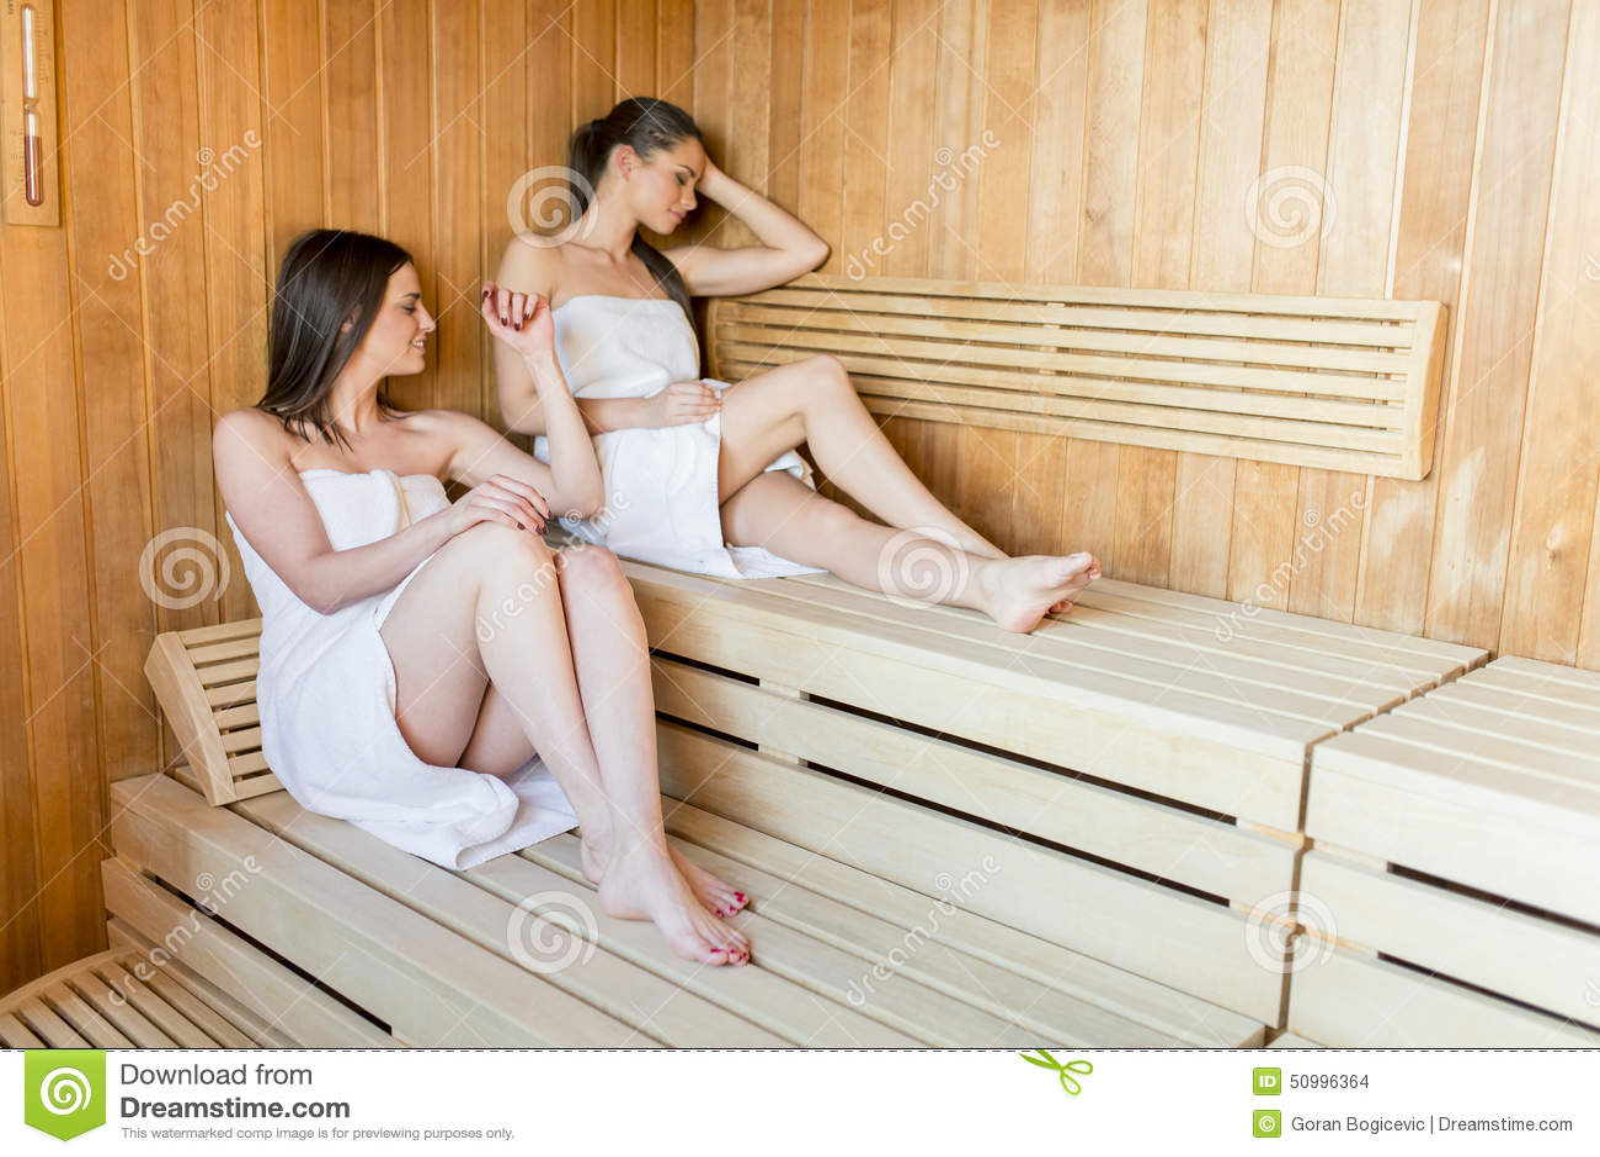 Сосет женщины в бане с молодыми